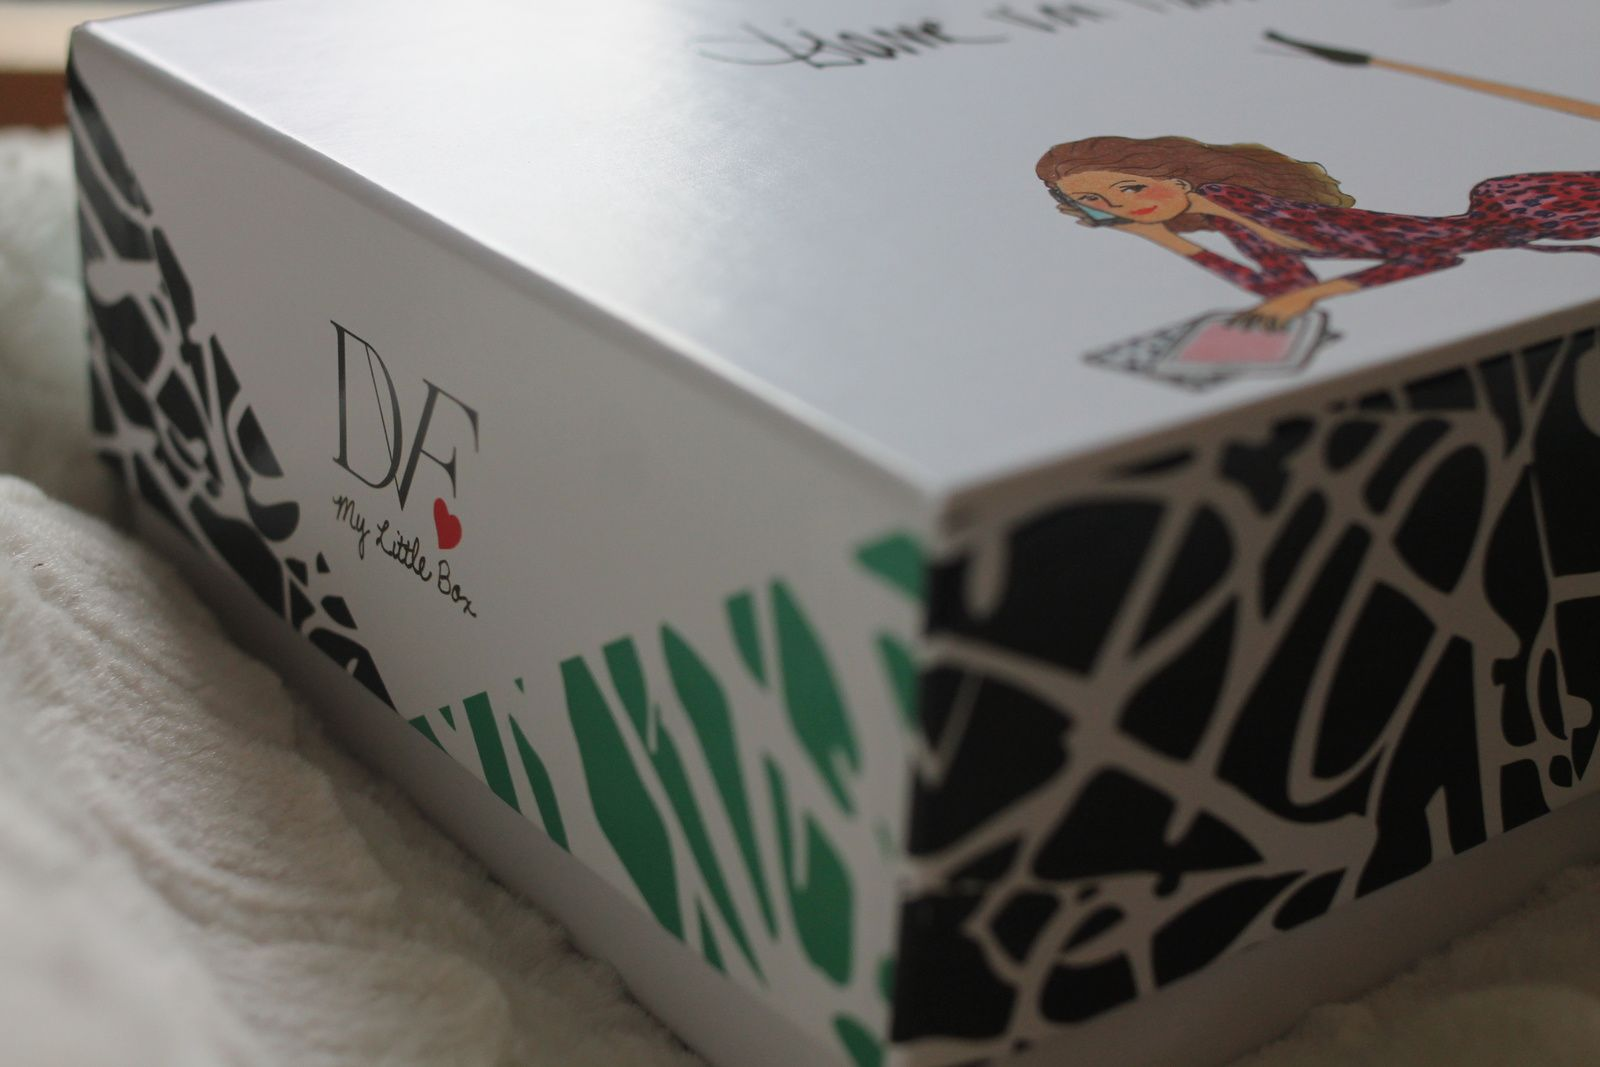 My Little box by Diane Von Furstenberg...